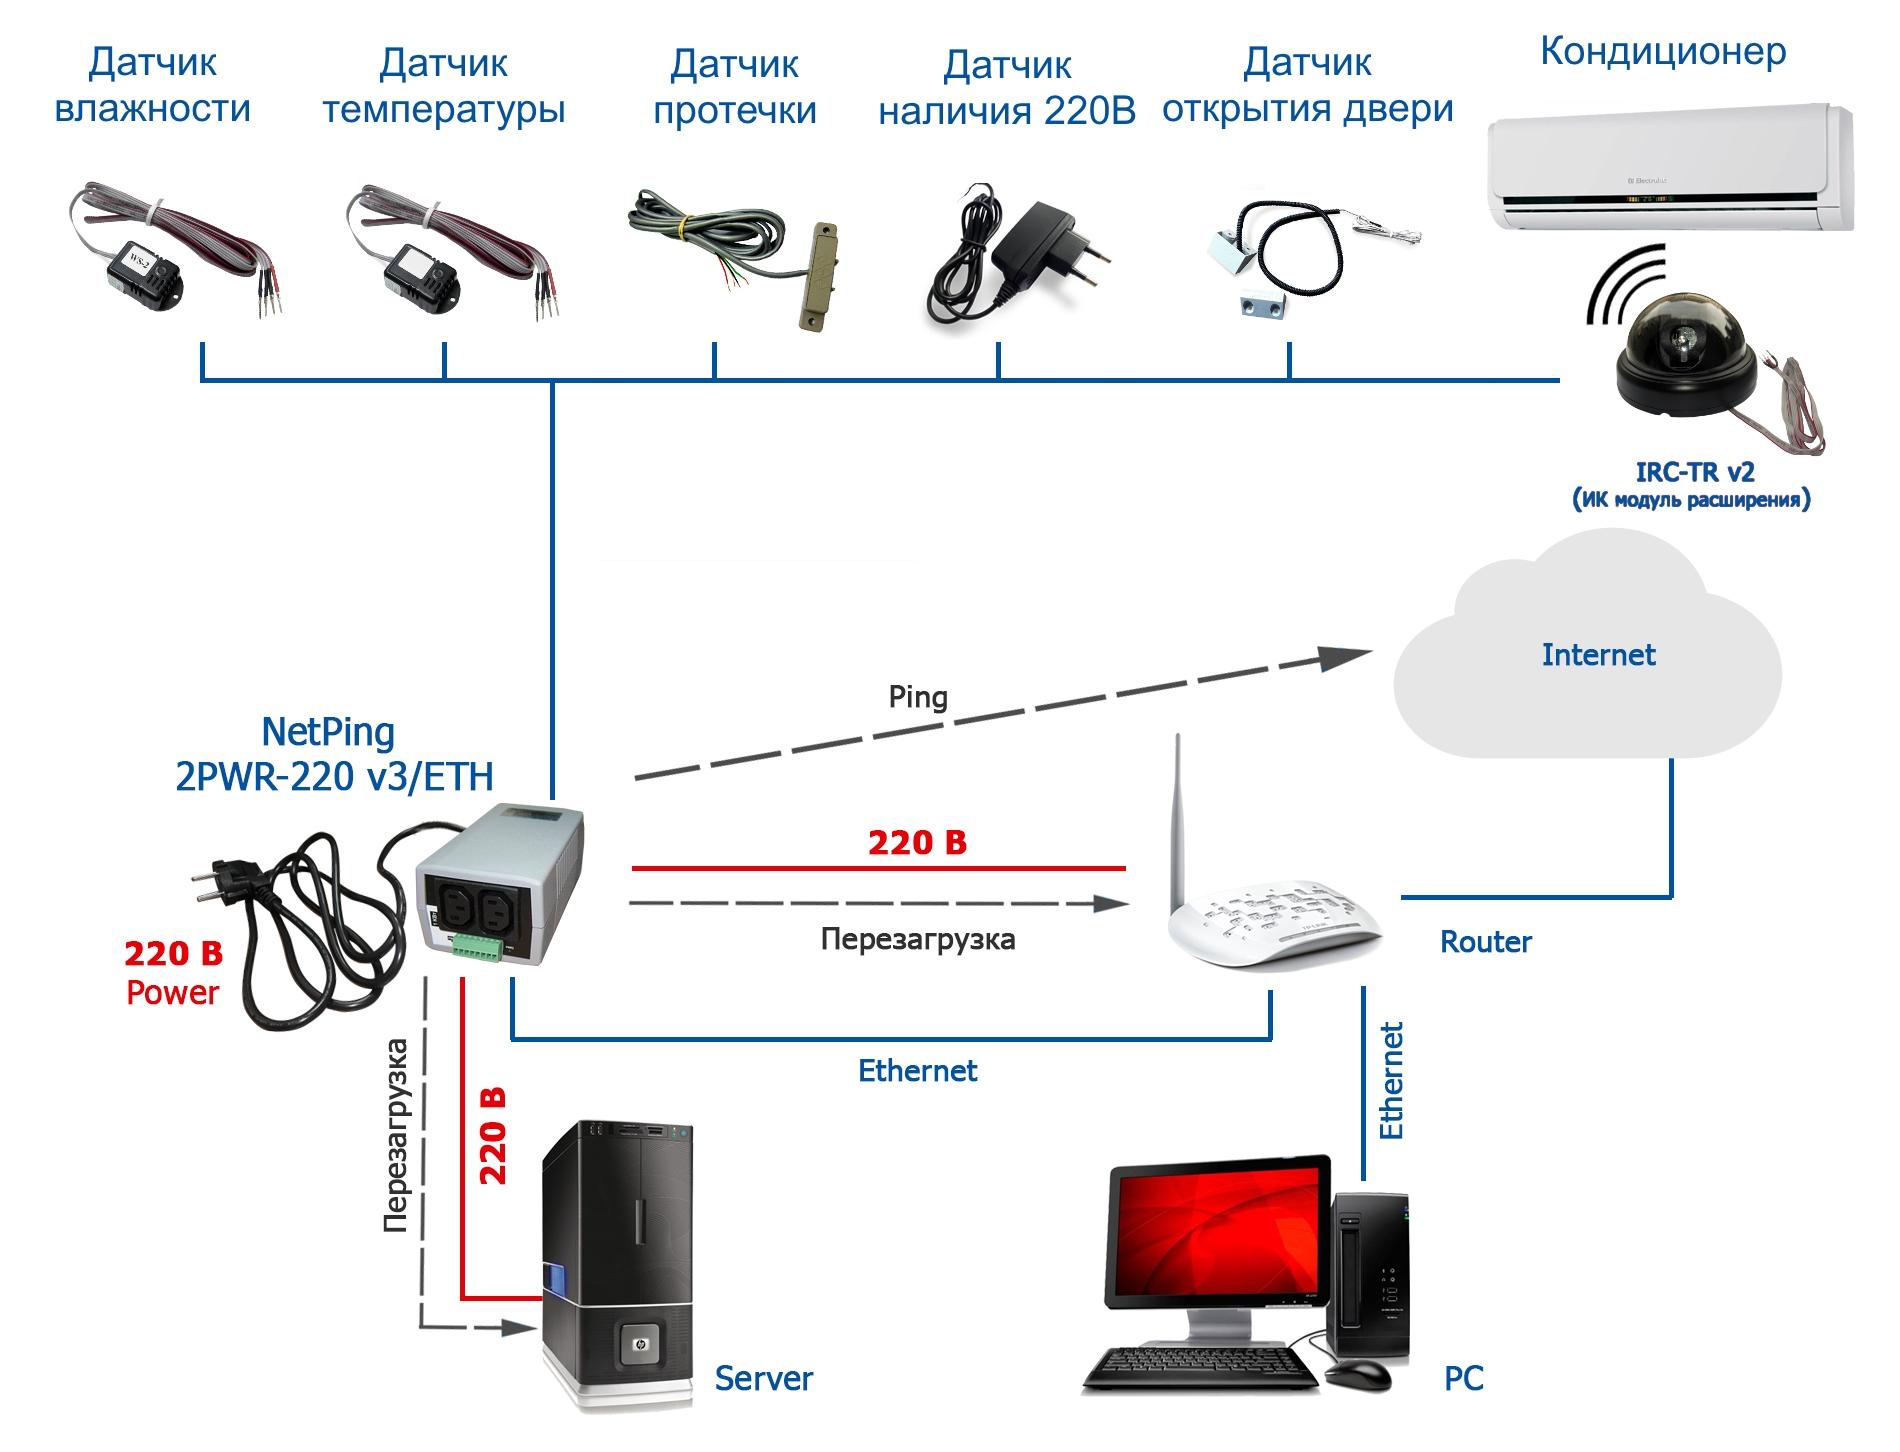 NetPing 2PWR-220 v3ETH - подключение датчиков и внешних устройств